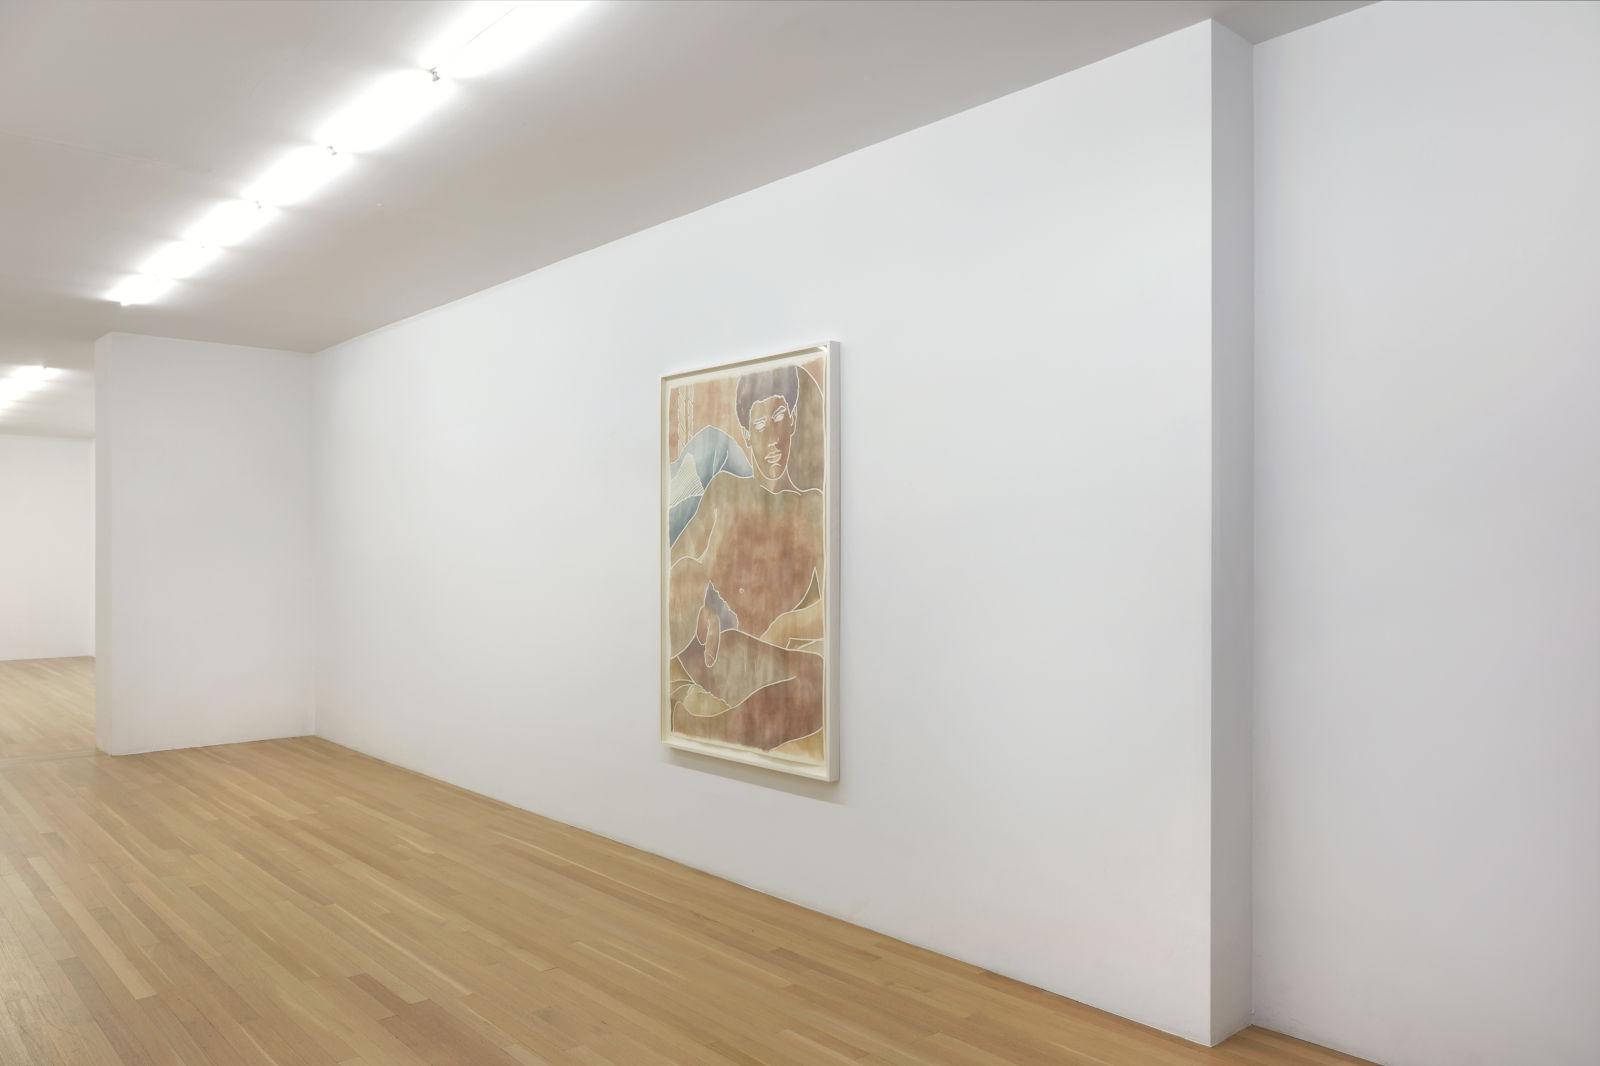 Galerie Buchholz Monica Majoli 1